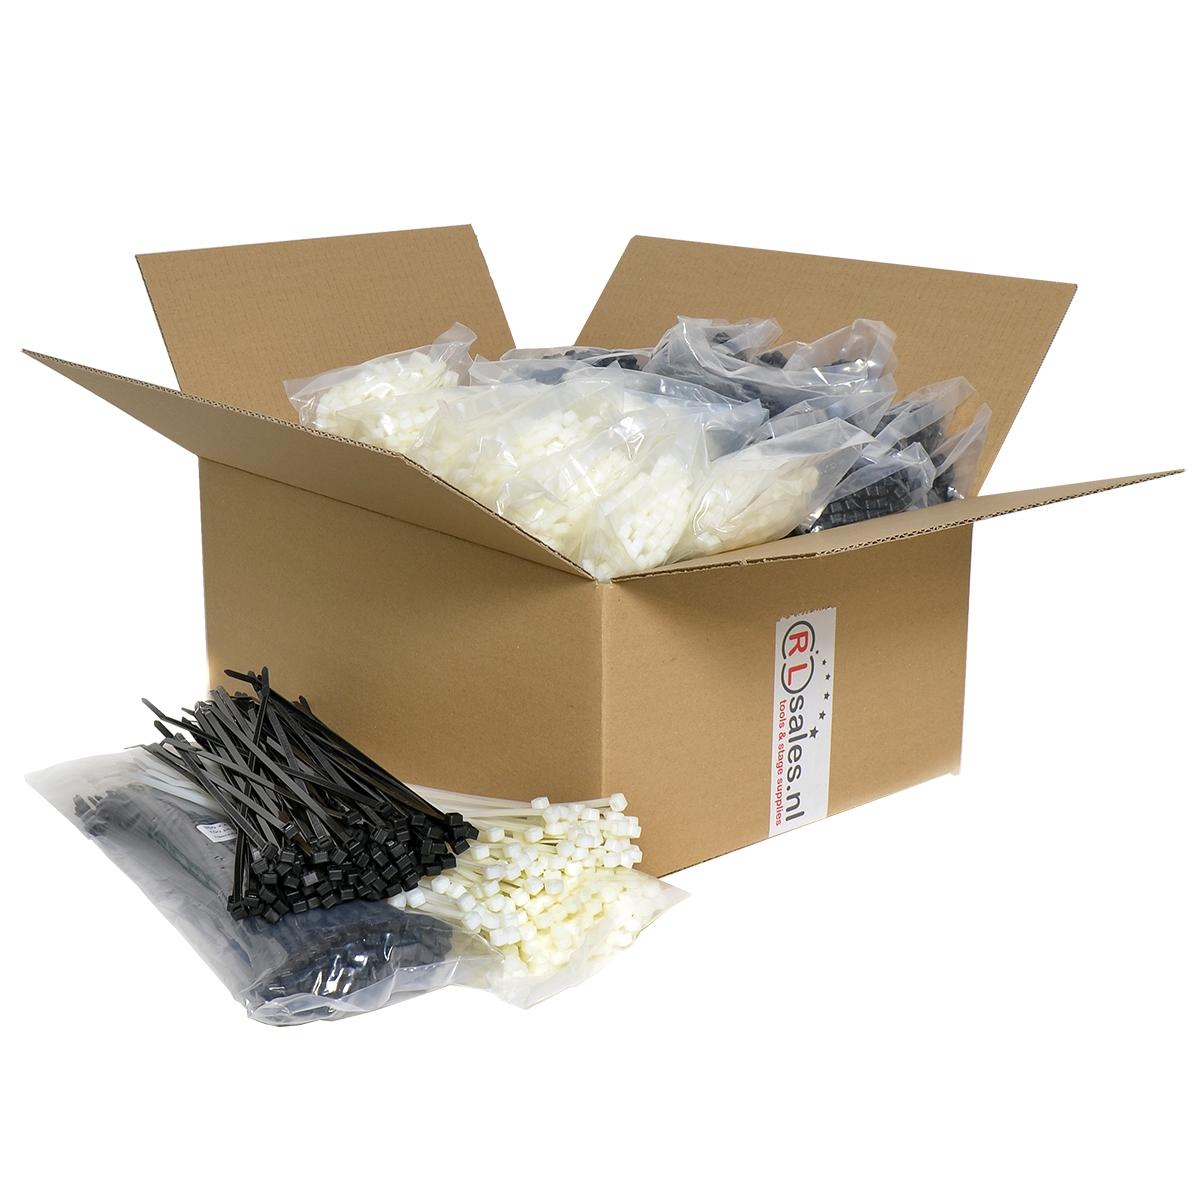 Kabelbinders 4,8 x 300 mm - 10 zakken zwart en 10 zakken wit